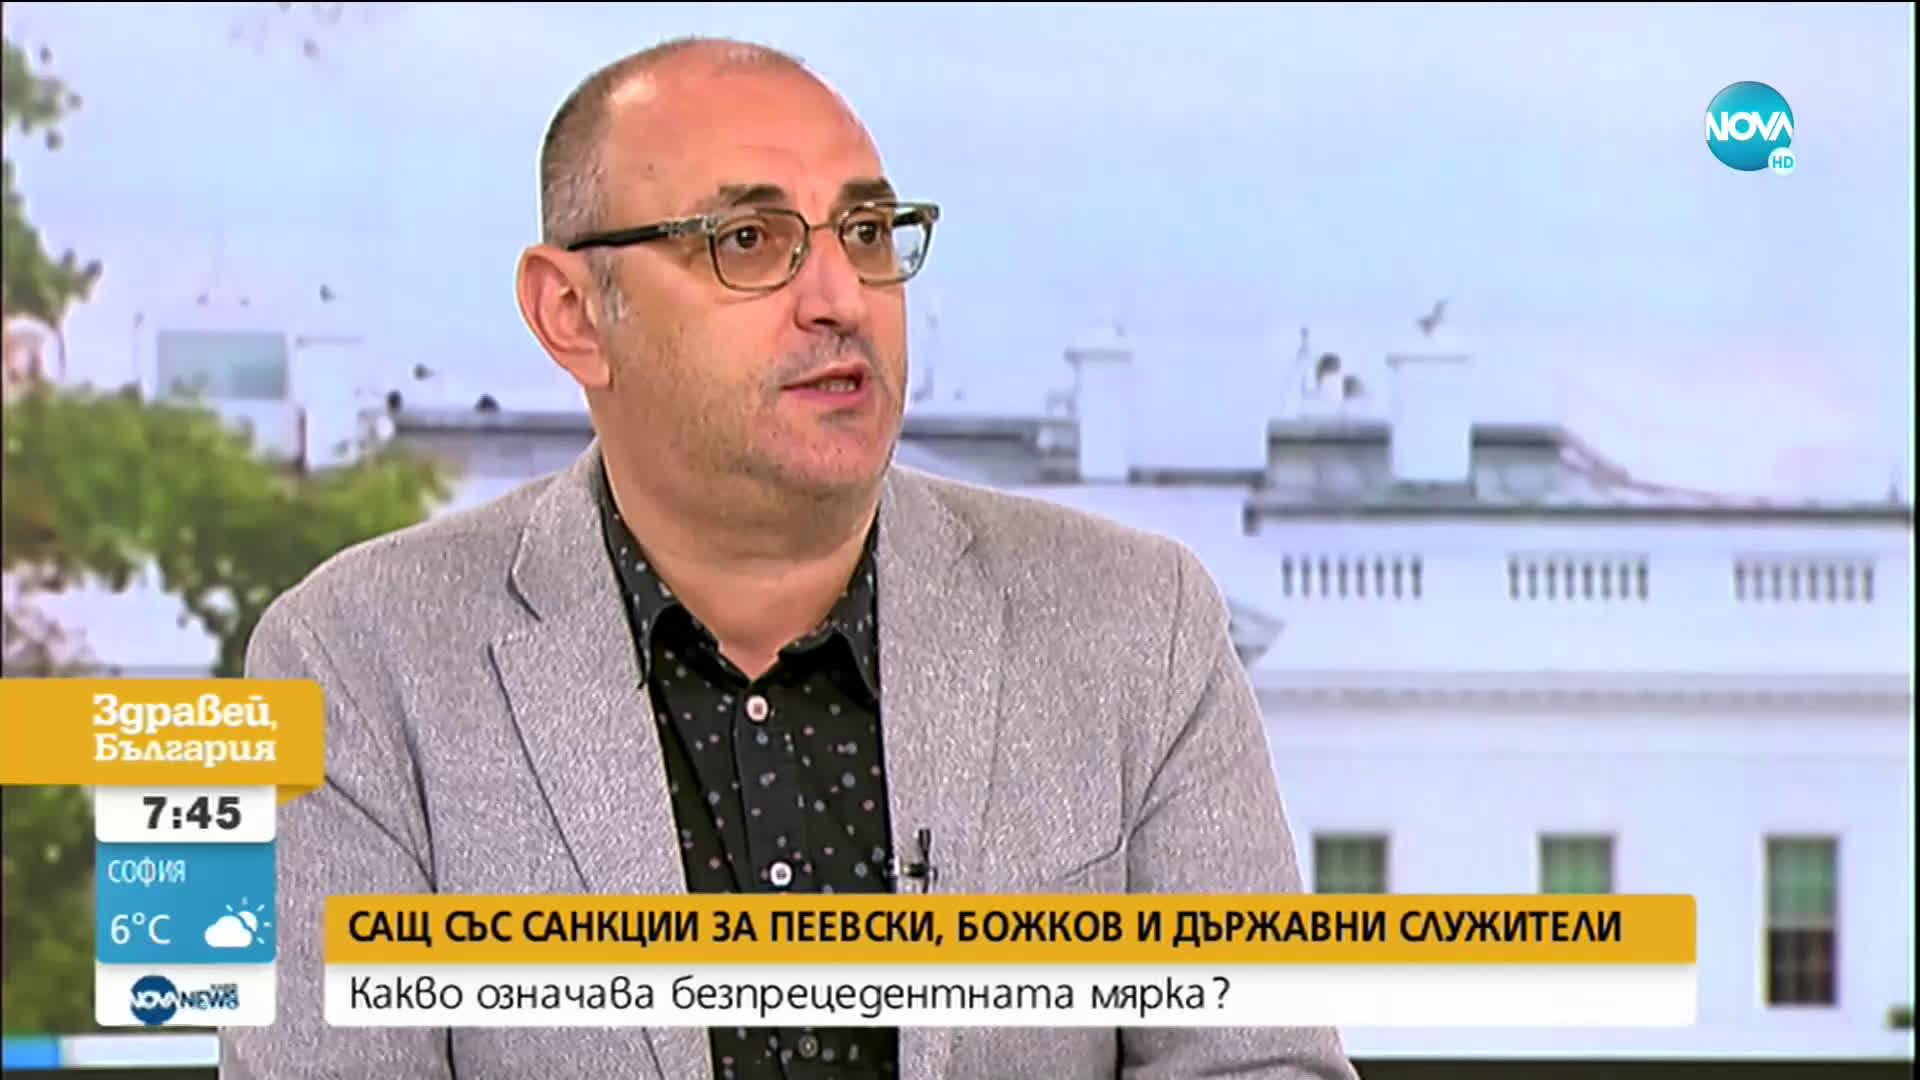 Керемедчиев: Със санкциите САЩ намекна, че корупцията у нас излиза от контрол